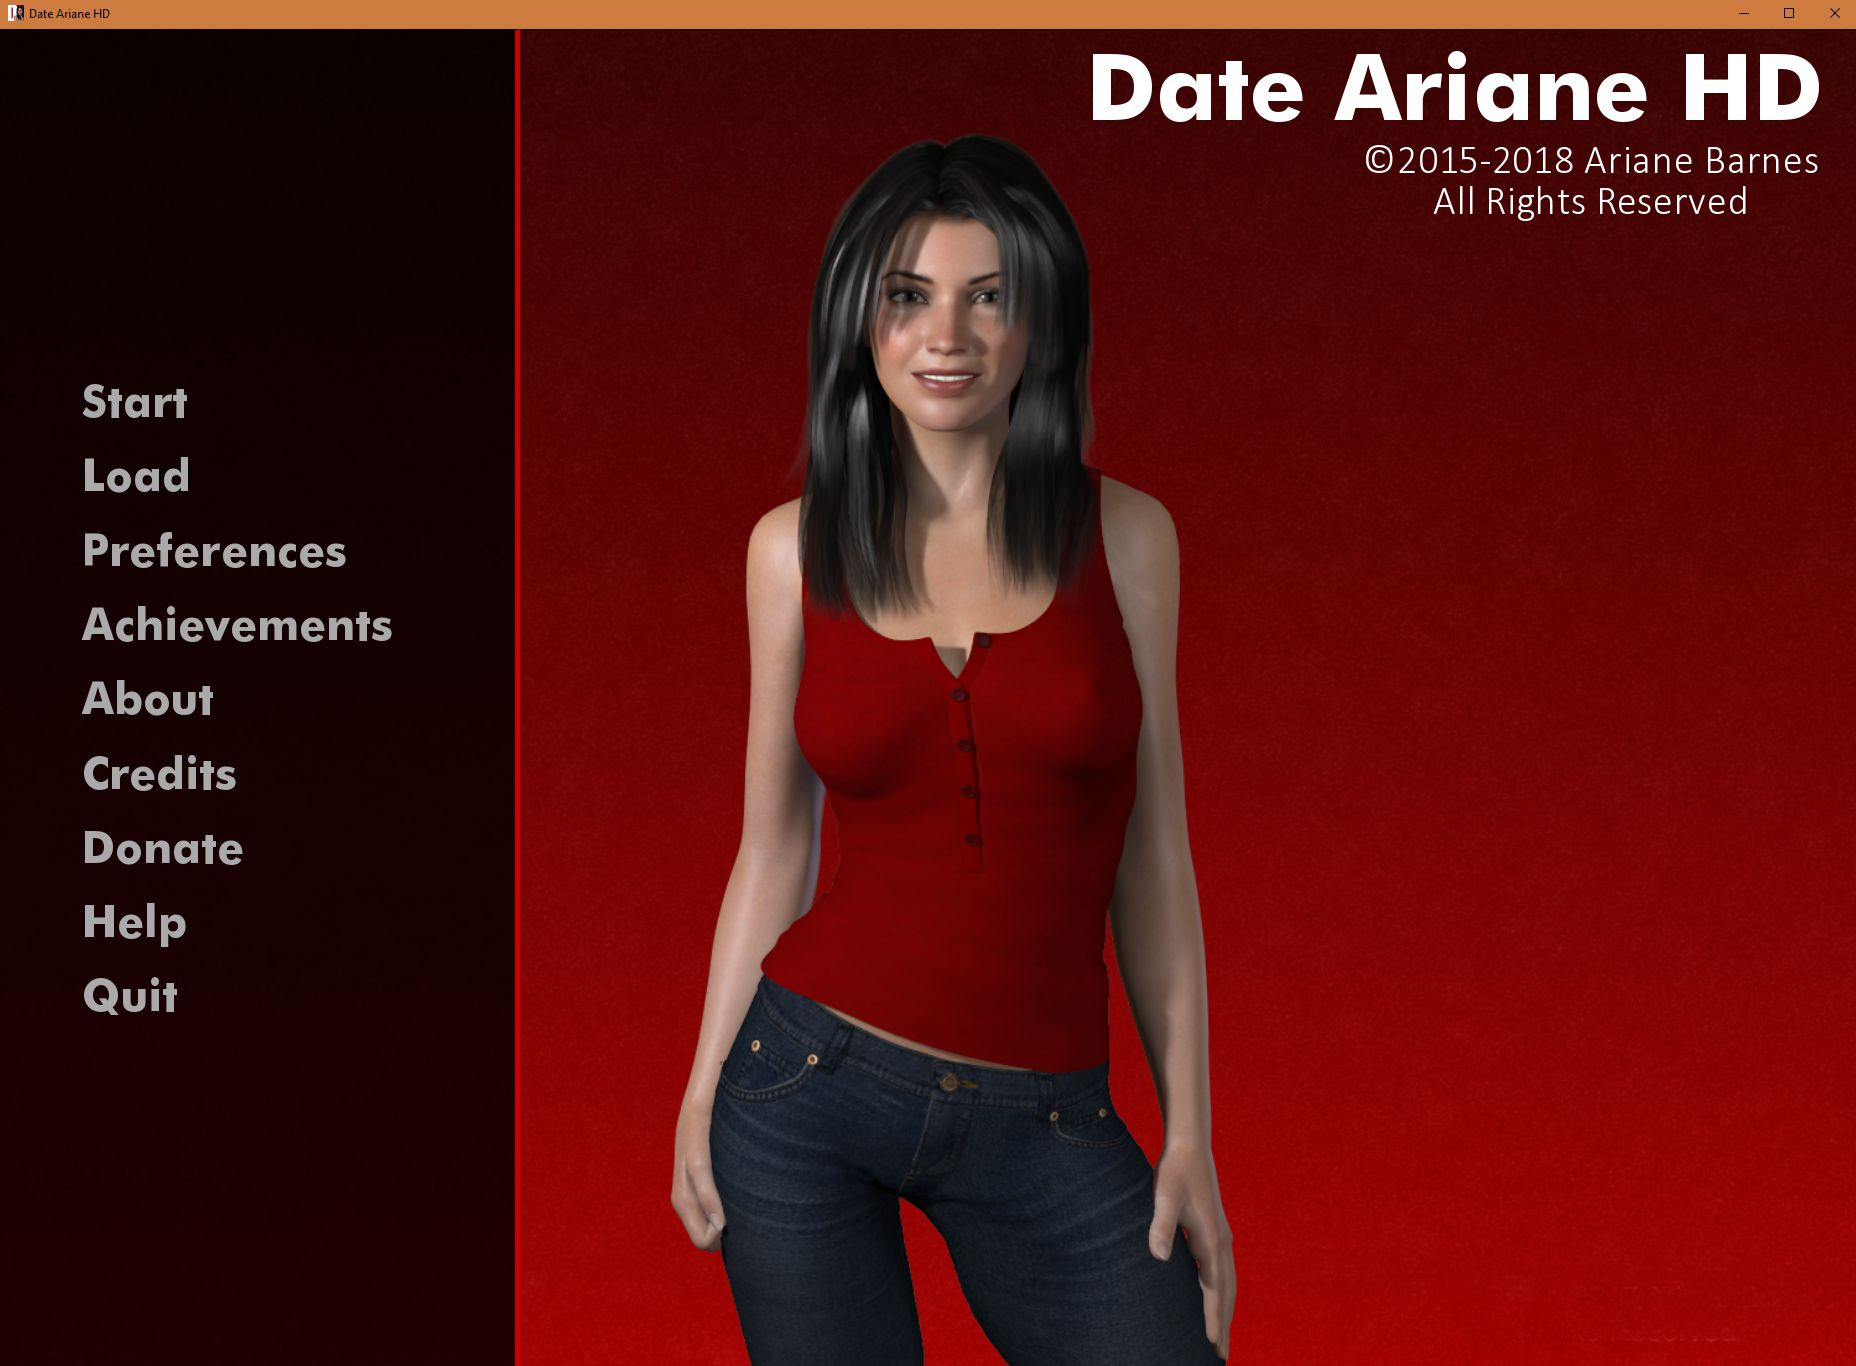 dating simulator date ariane beaten 4 years: